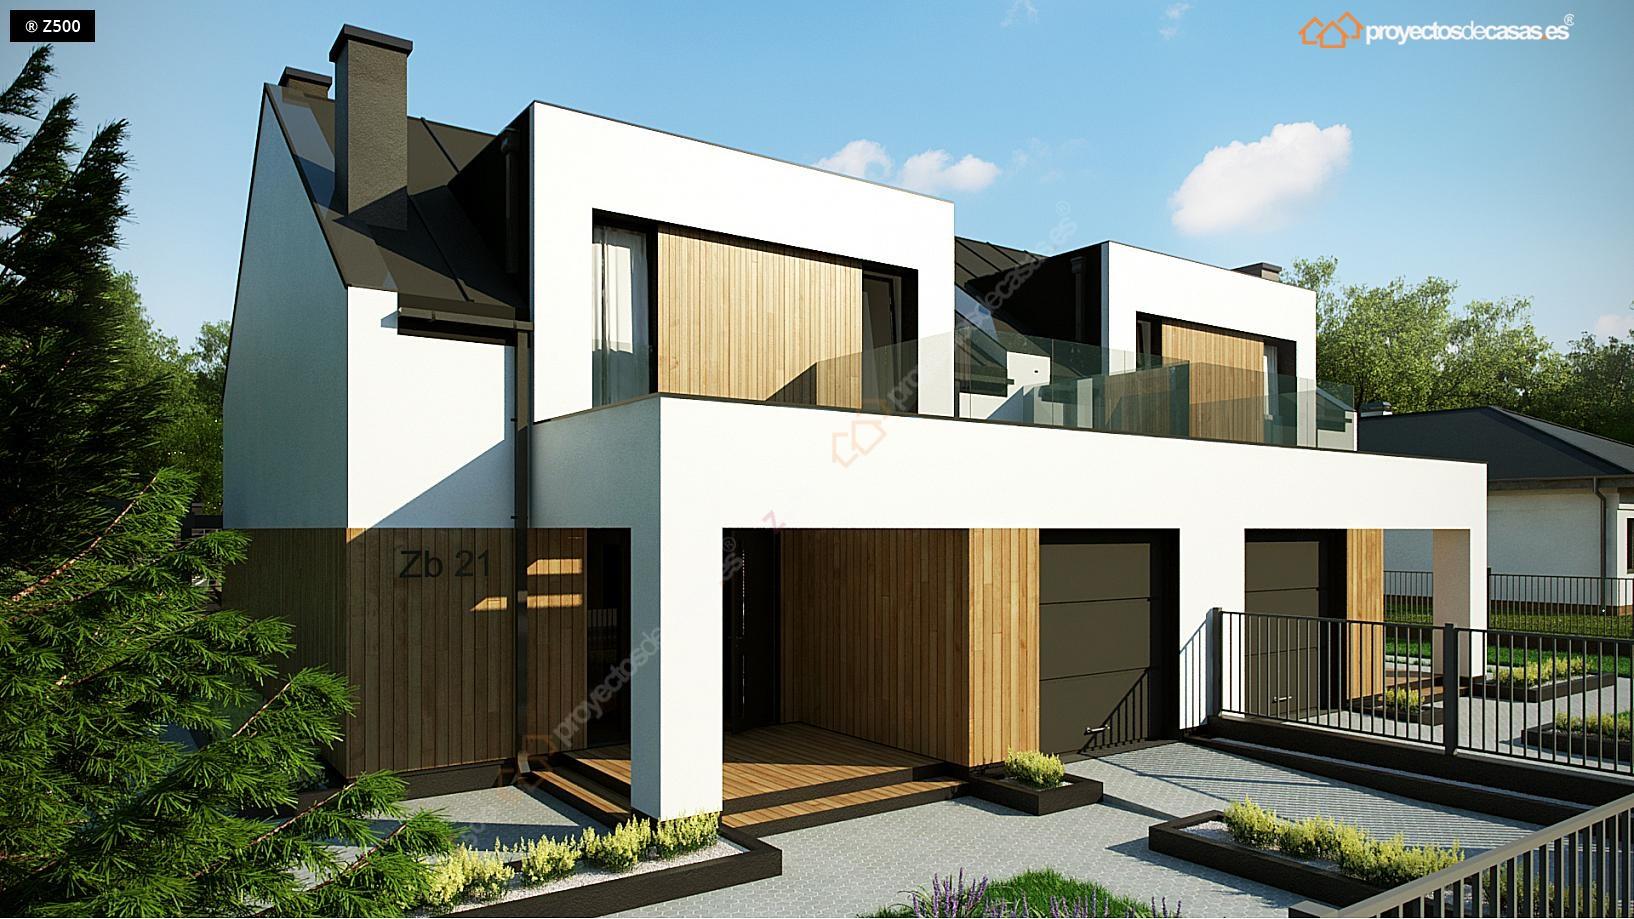 Proyectos de casas carbajosa casa adosada moderna de for Proyectos casas modernas